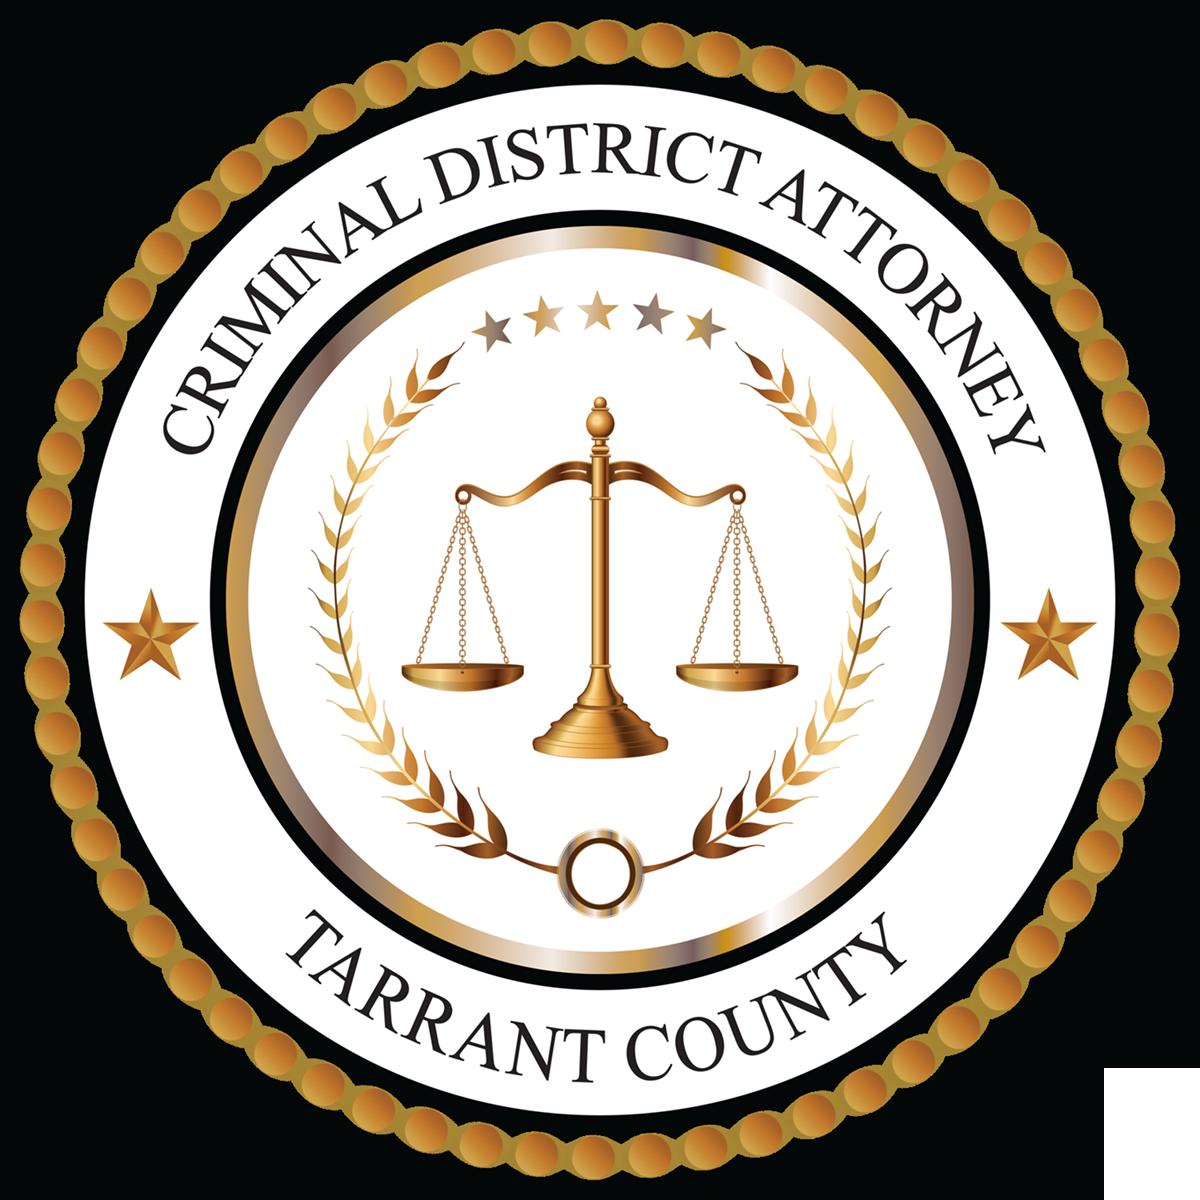 TARRANT county criminal district ATTORNEY    Unidad de Fraude Financiero Anciano:  817.884.1400